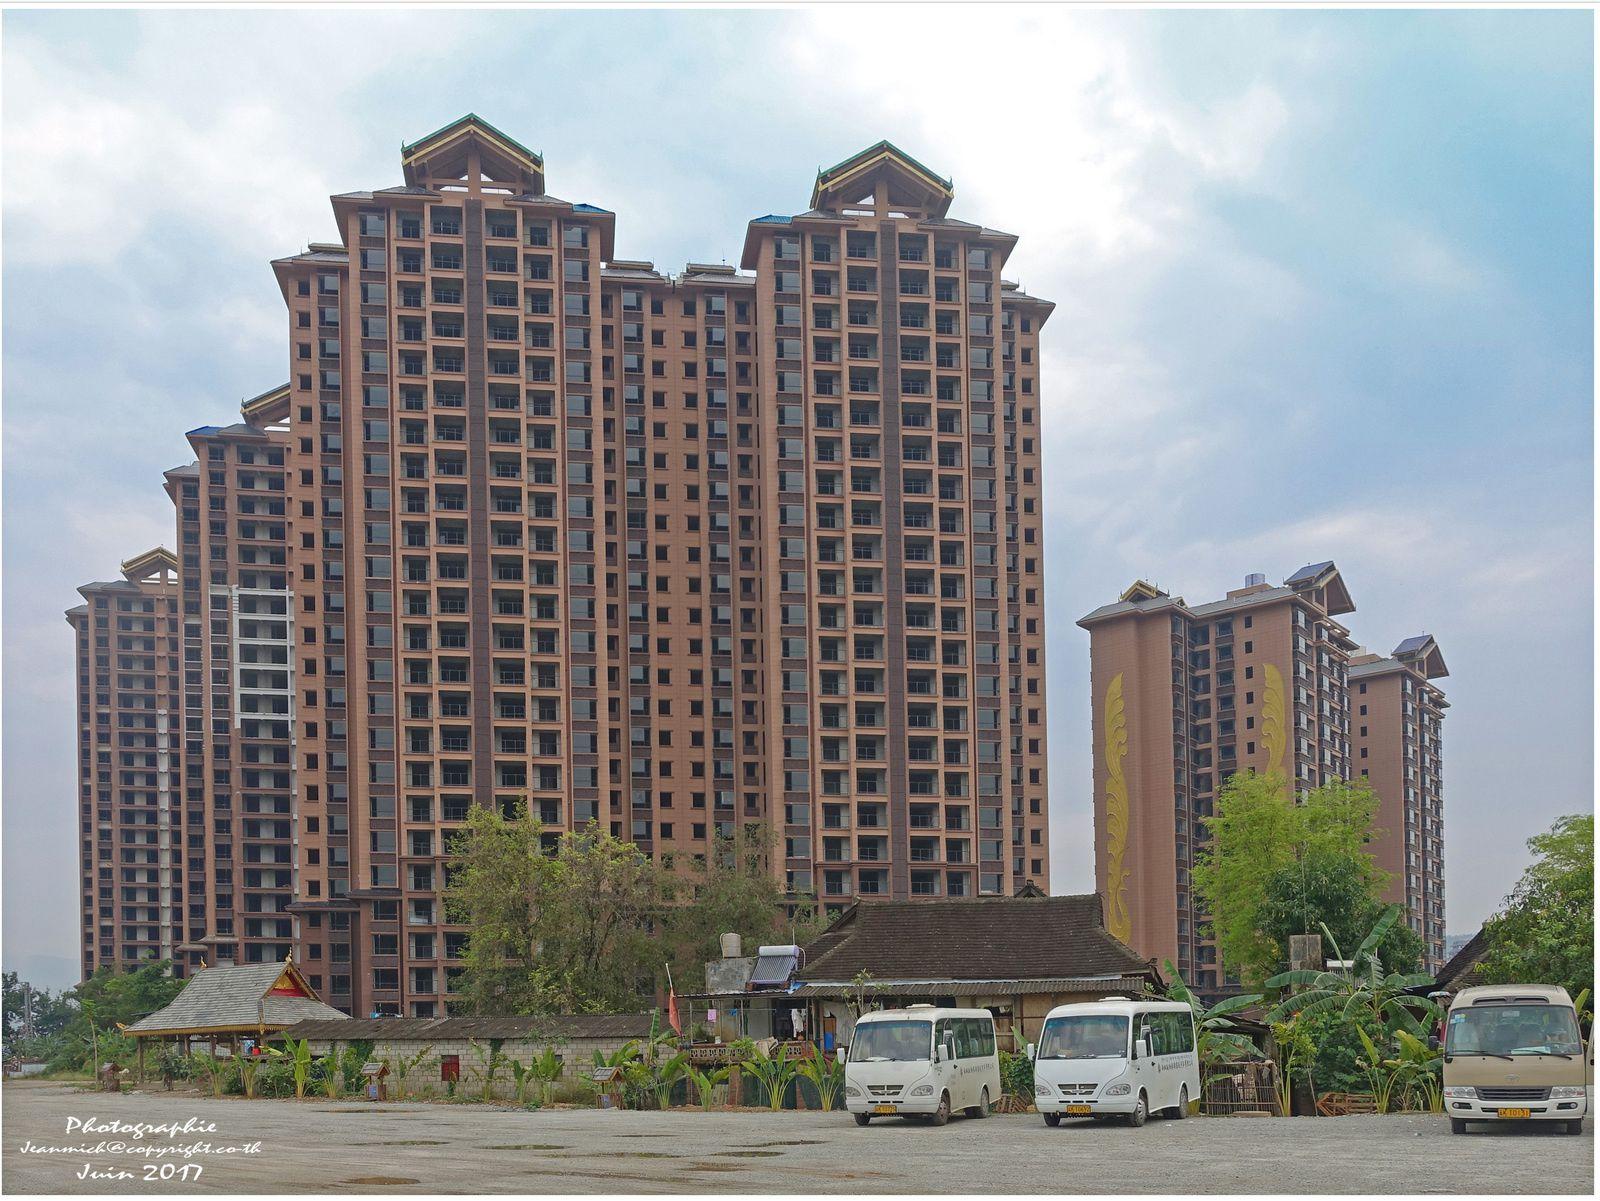 Un quartier conservé dans la ville chinoise de Xishunagbanna